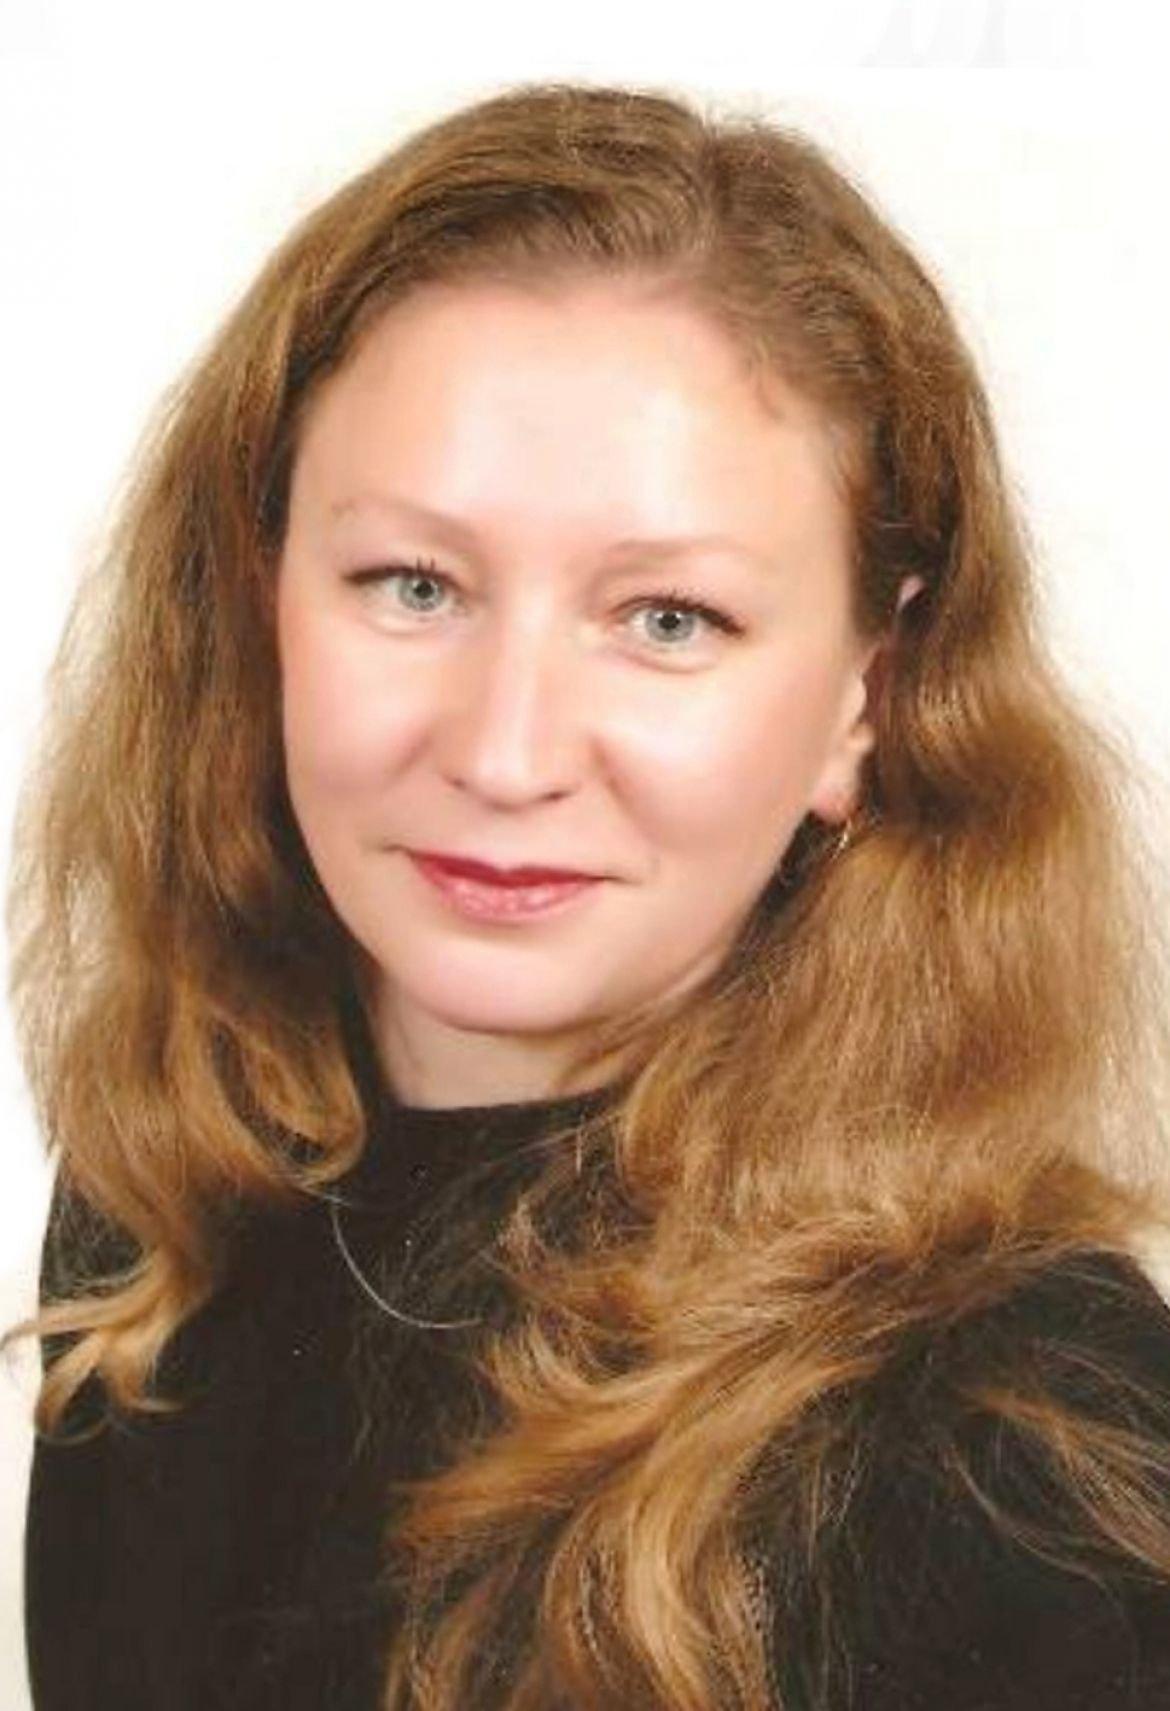 Заведующий сектором идеологической работы и по делам молодежи райисполкома Ольга Чеславовна Борко: «Наша молодежь - драйвер развития и лидерства»